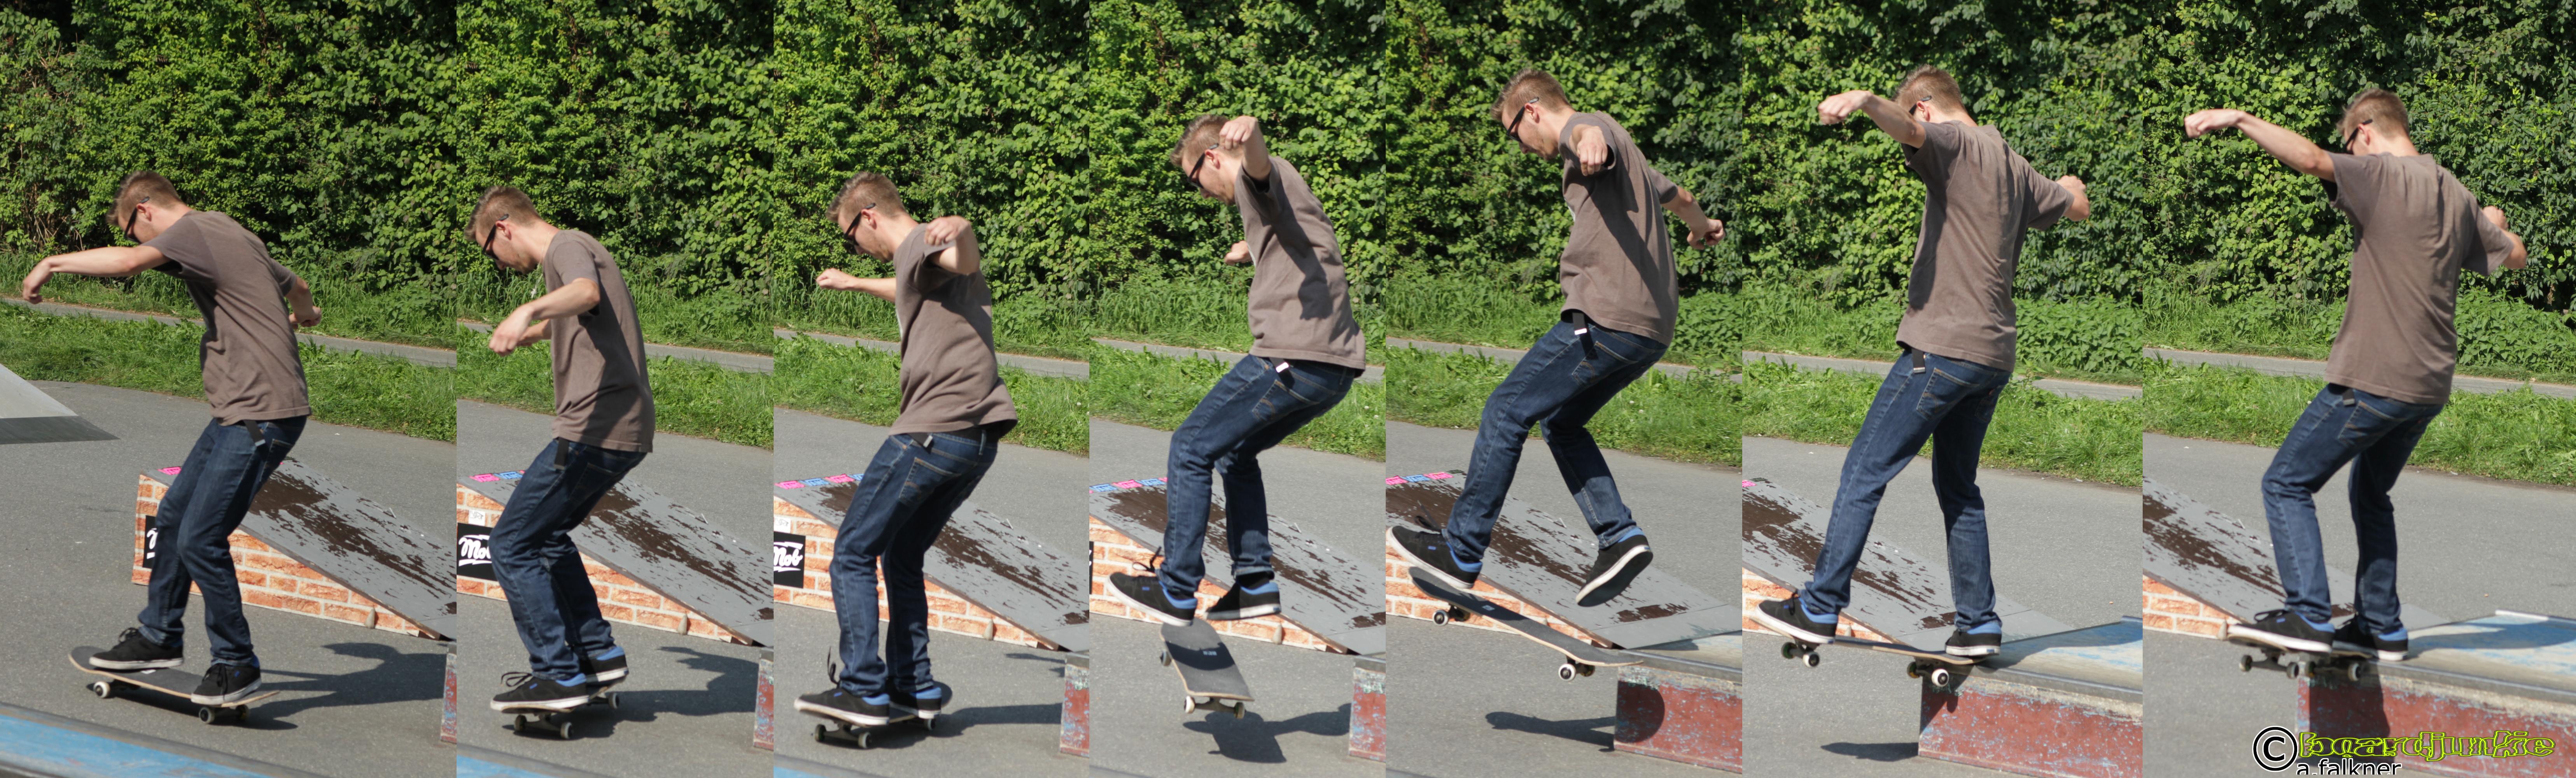 Aufnahme beim 10. Goller Skatecontest